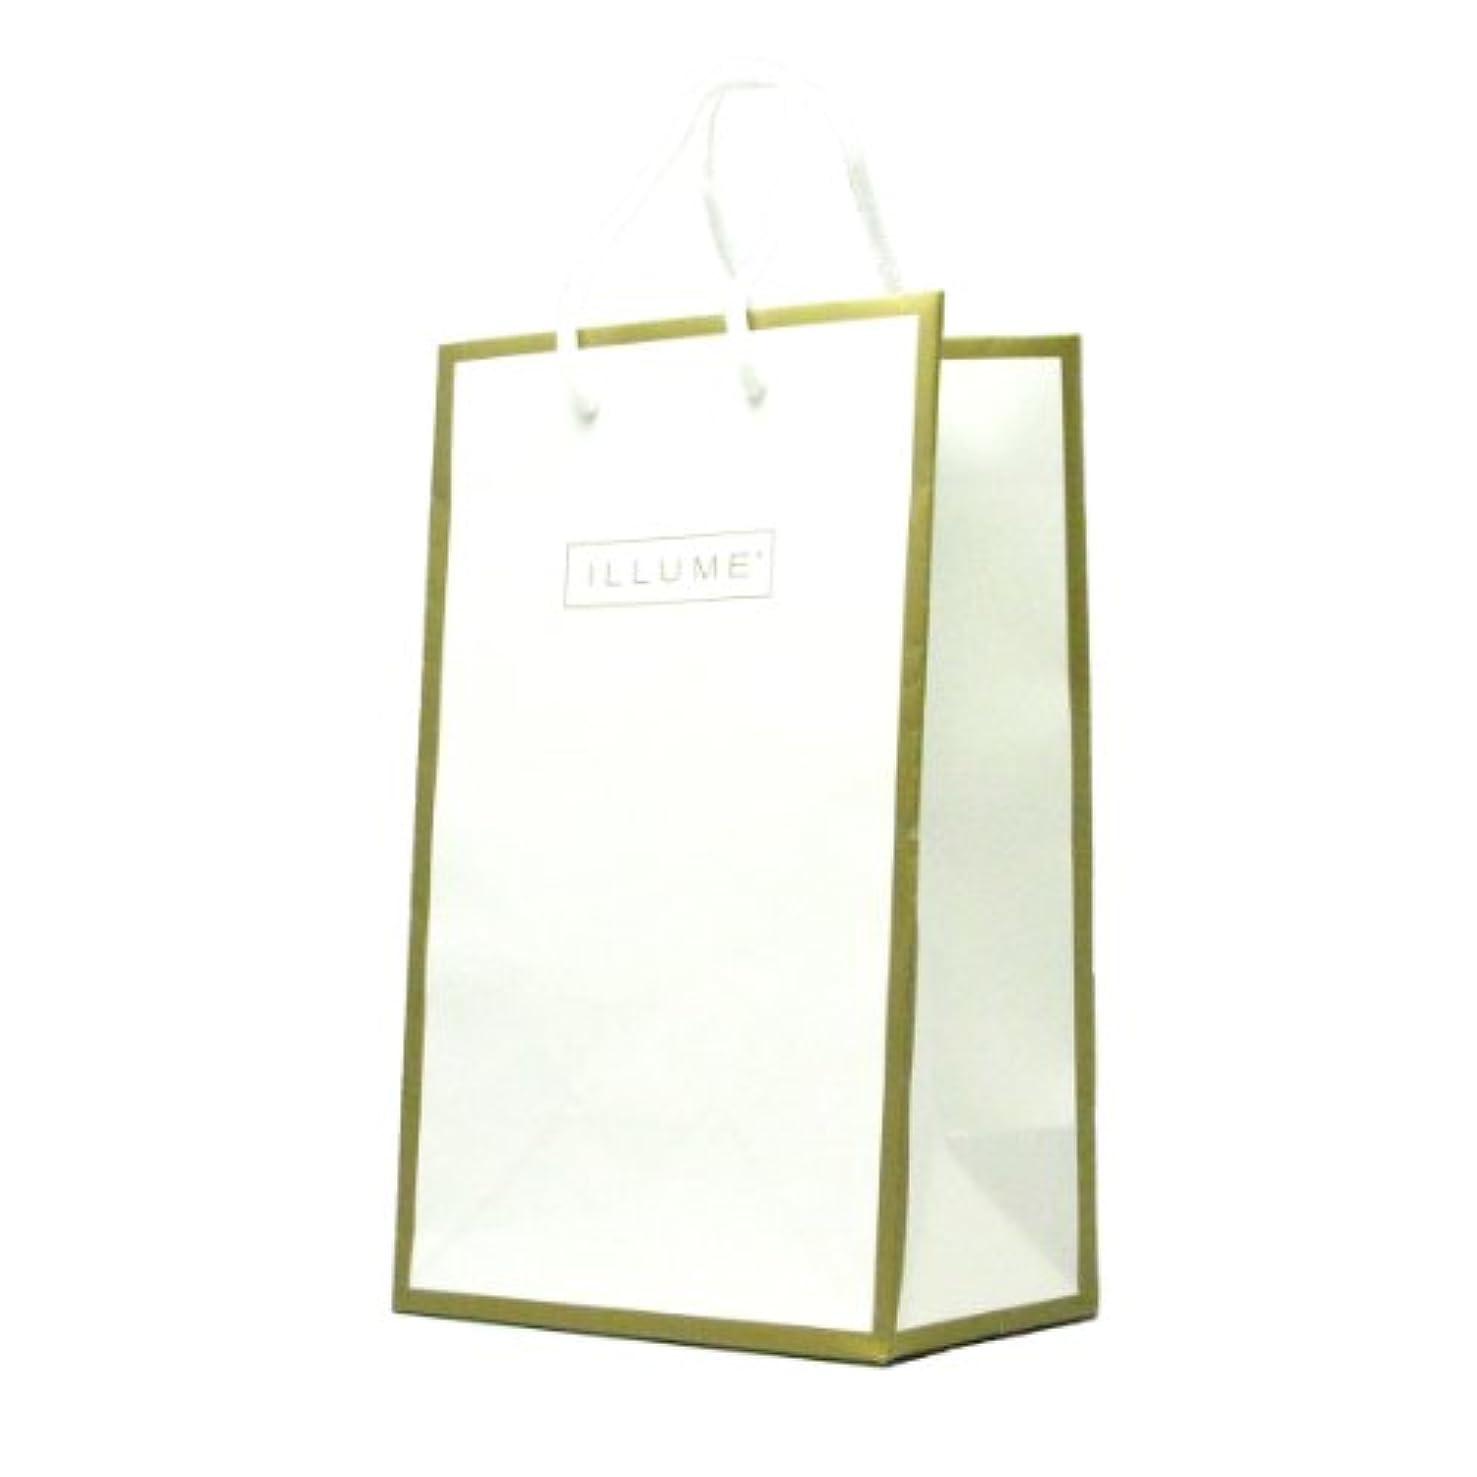 スピリチュアル支給静的イリューム(ILLUME) ギフトバッグ(Gift Bag) (ILLUMEギフトバッグ)